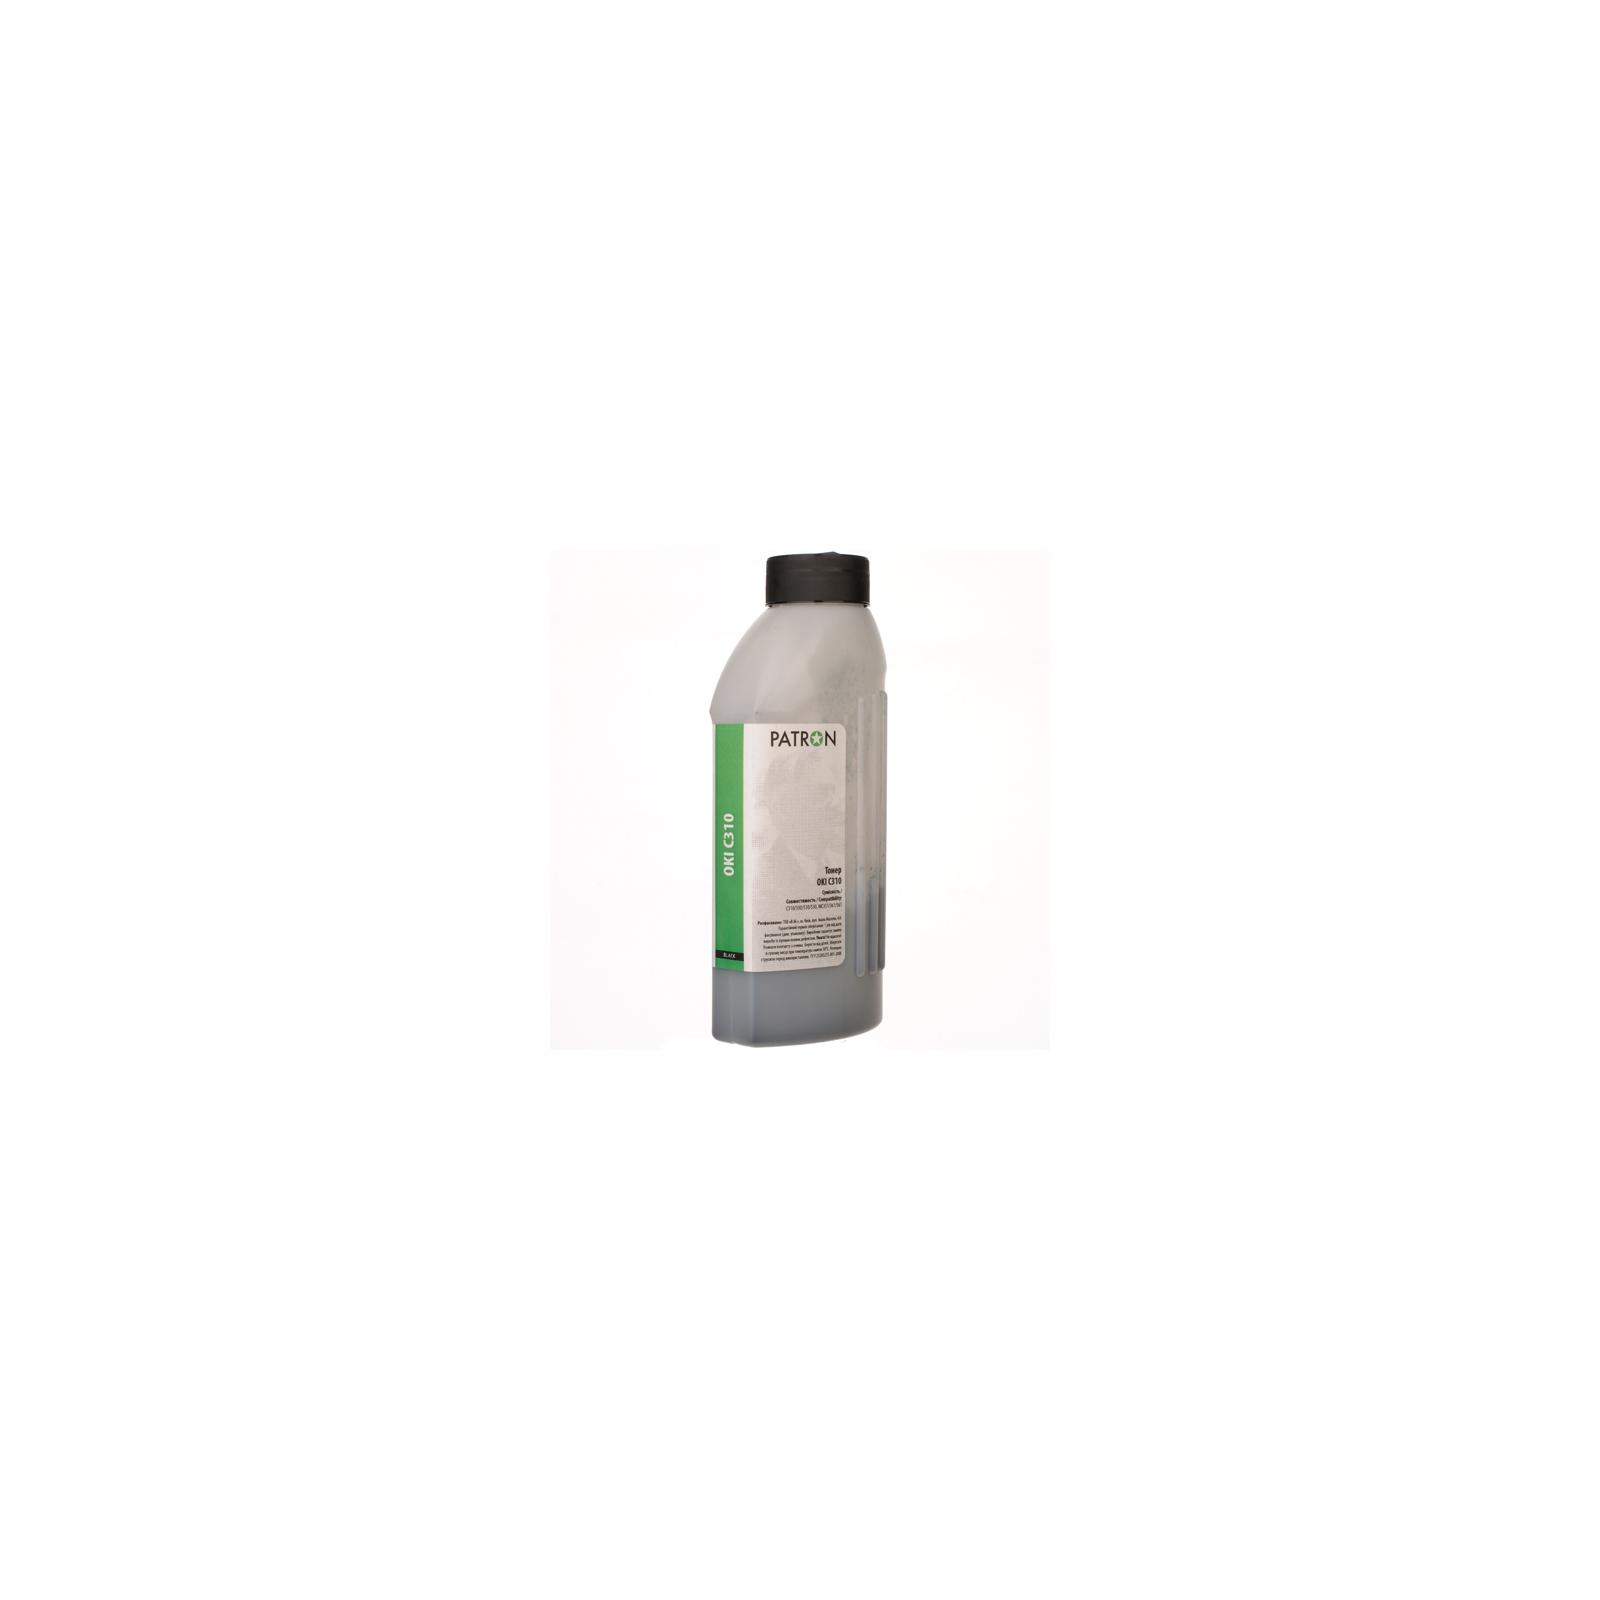 Тонер PATRON OKI C310 BLACK 80г (T-PN-OC310-B-080)